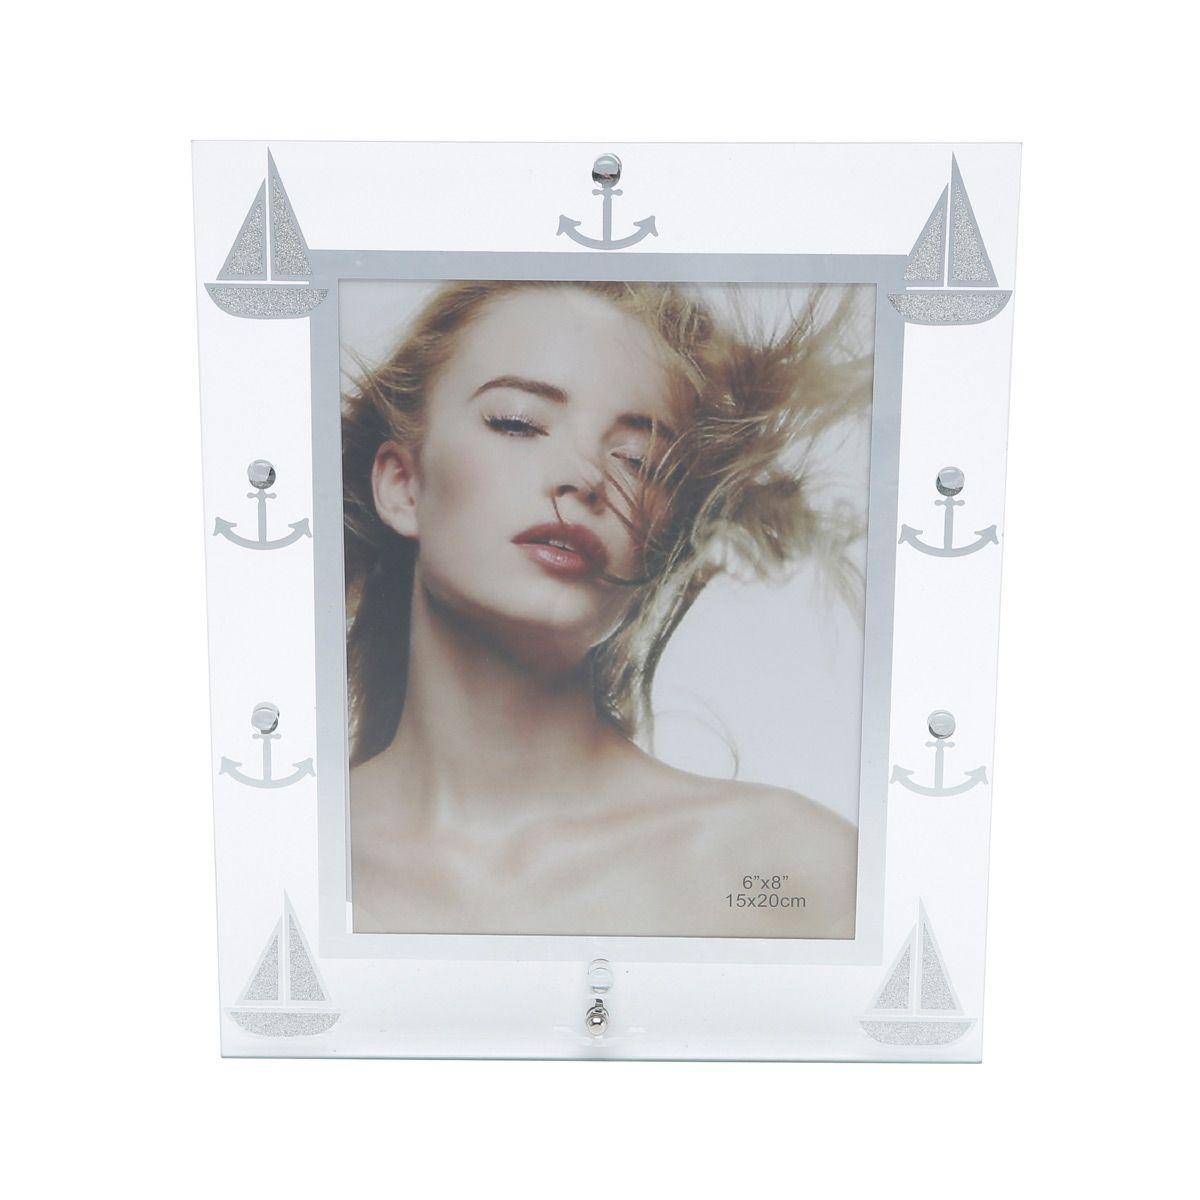 Porta-retrato 10 x 15 cm de vidro transparente Ocean Prestige - 25235